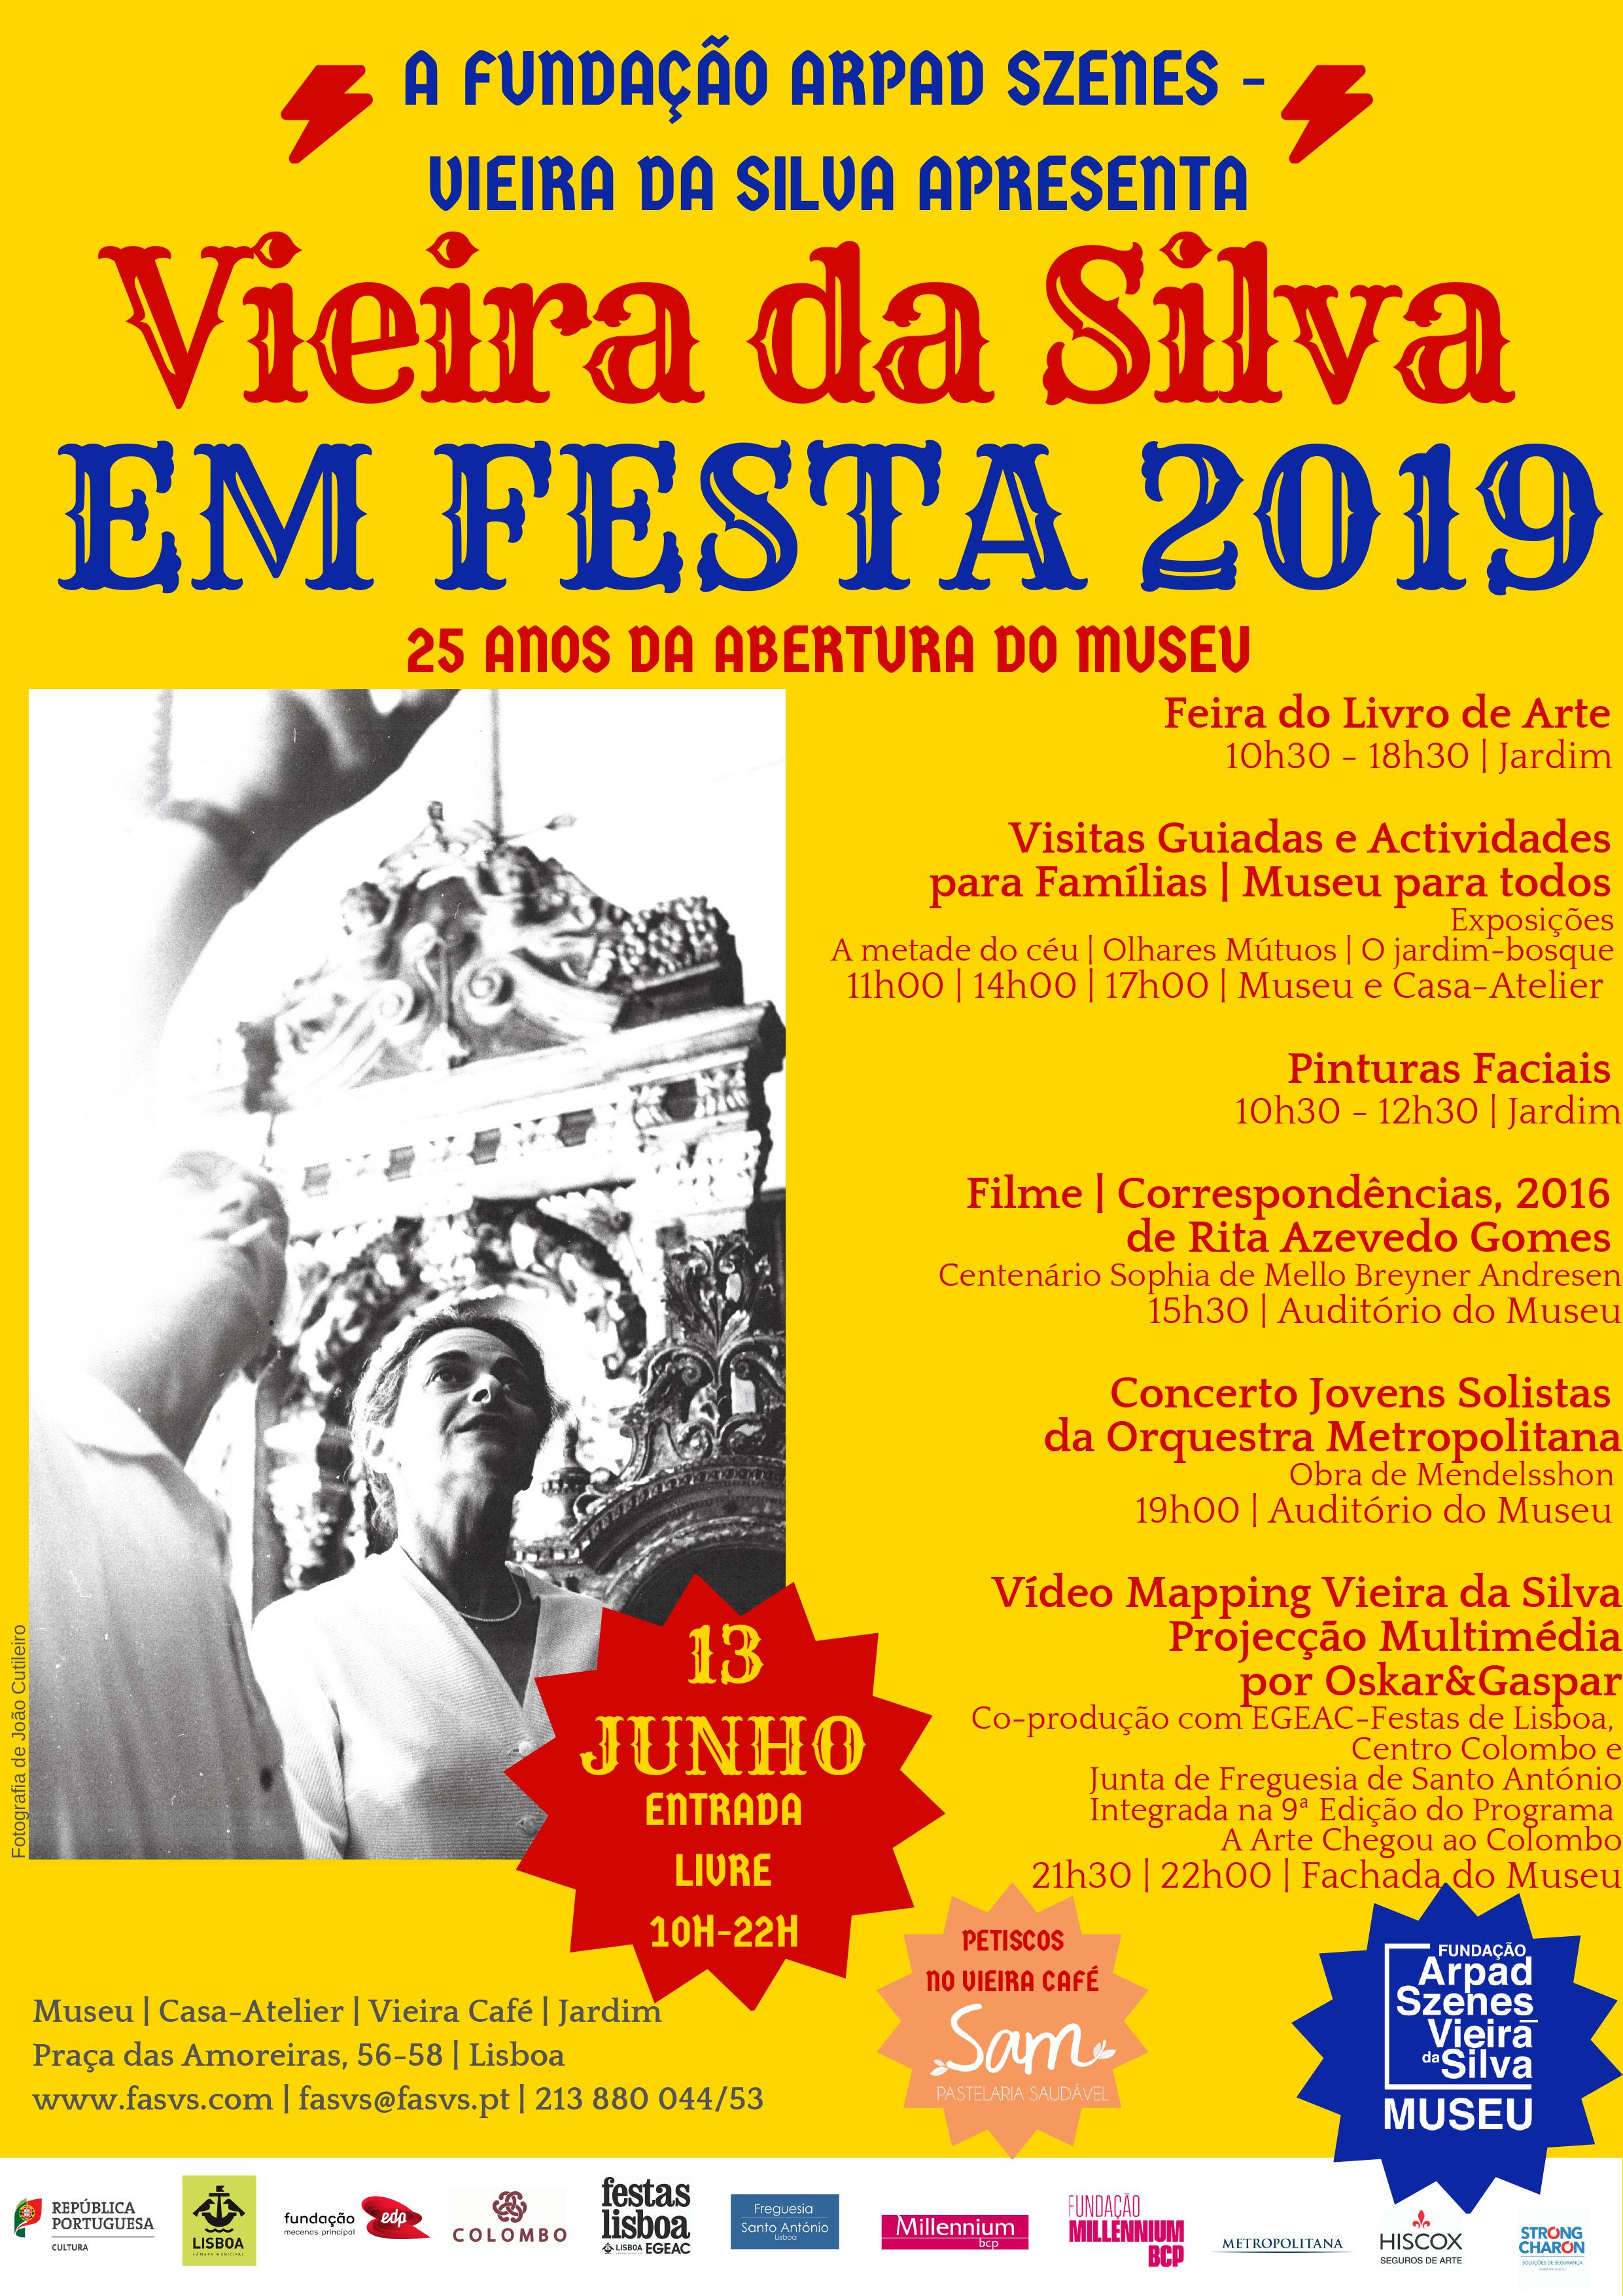 Vieira-da-Silva-em-festa-2019